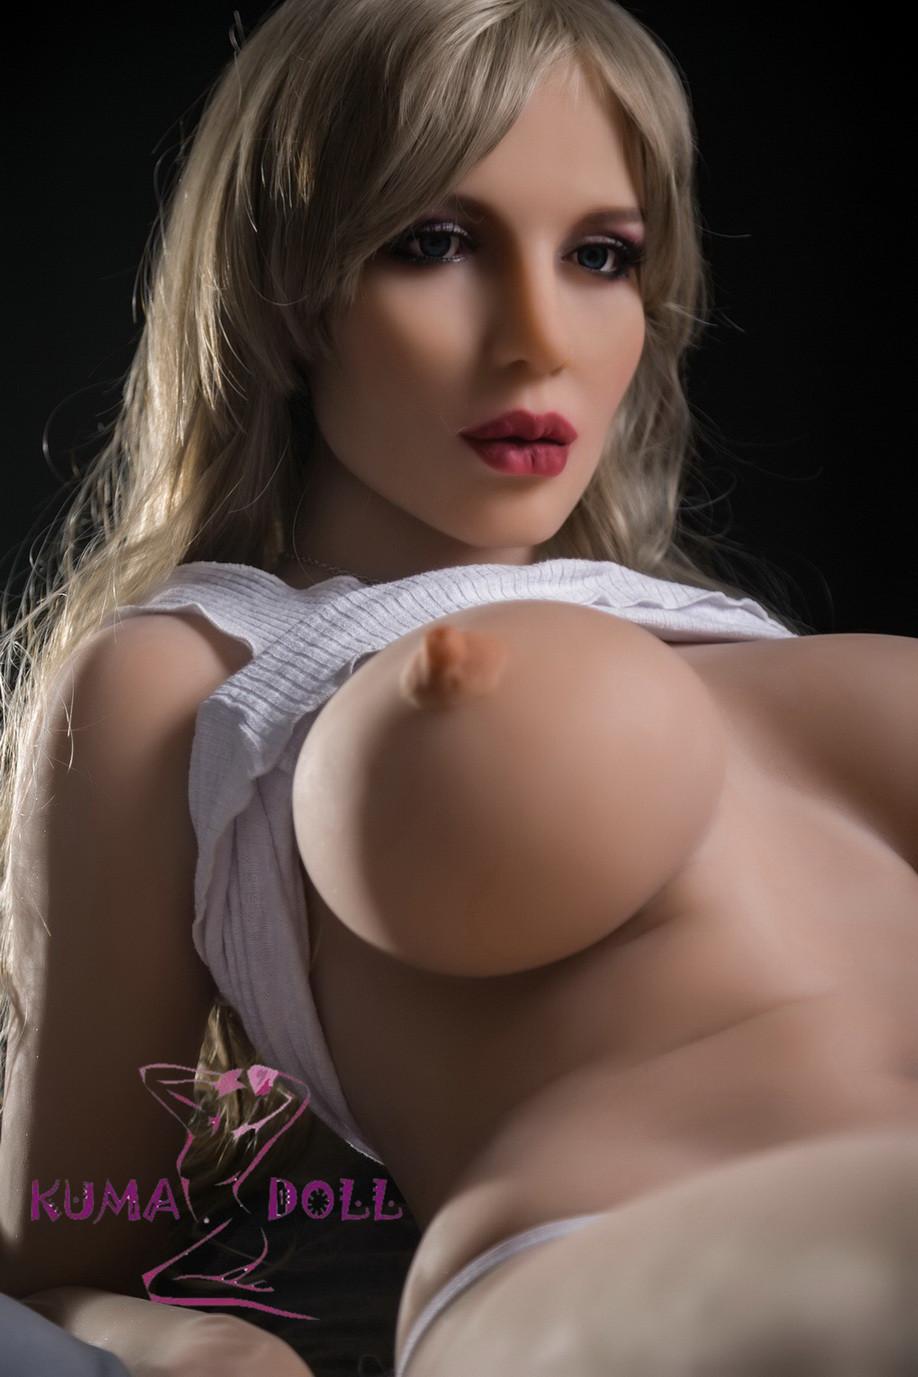 Qita Doll 165cm 巨乳 #40